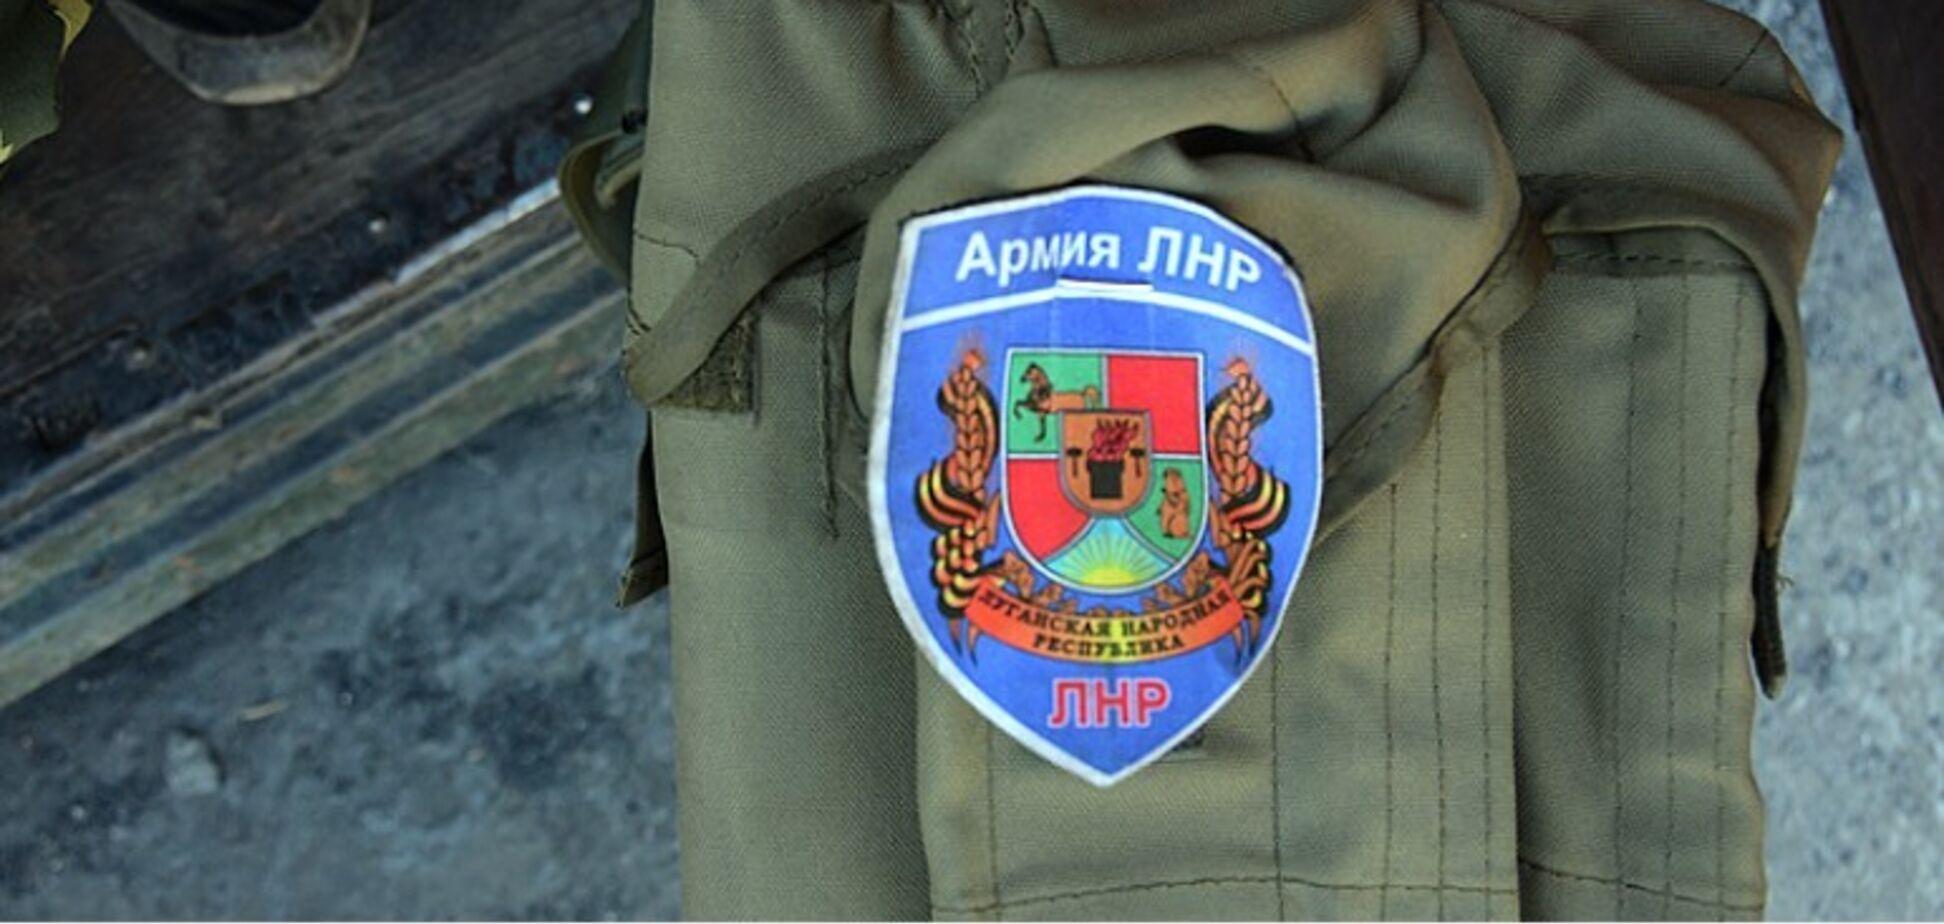 'Правый сектор убил ВСУшника!' Террористы заявили о бойне на Донбассе